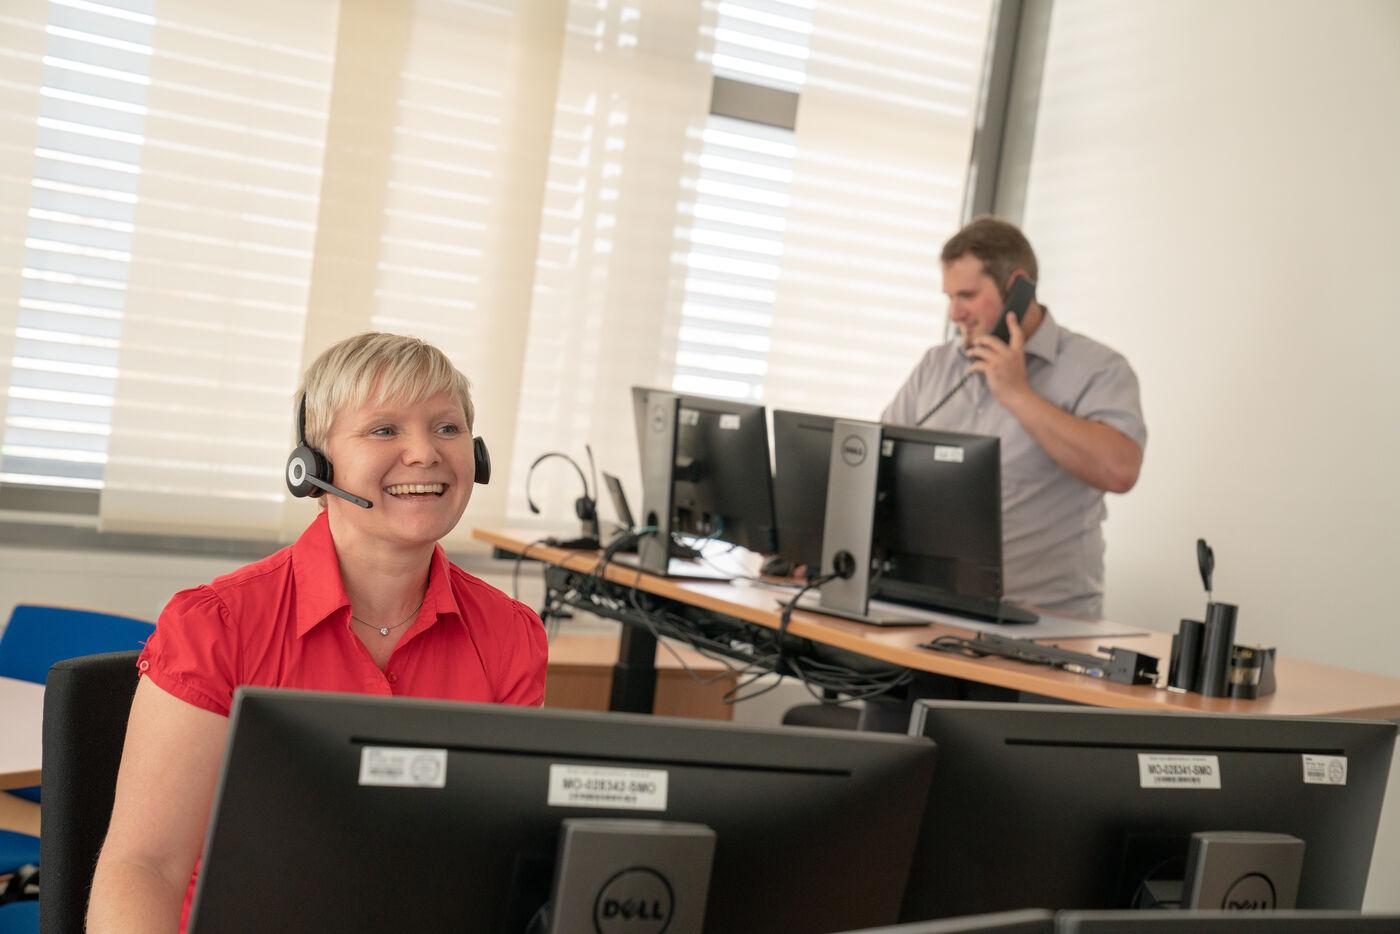 Mitarbeiter Arbeitsvorbereitung (m/w/d) für die Auftragserfassung - Job Münster - smartOPTIMO: Stellenangebote - Application form